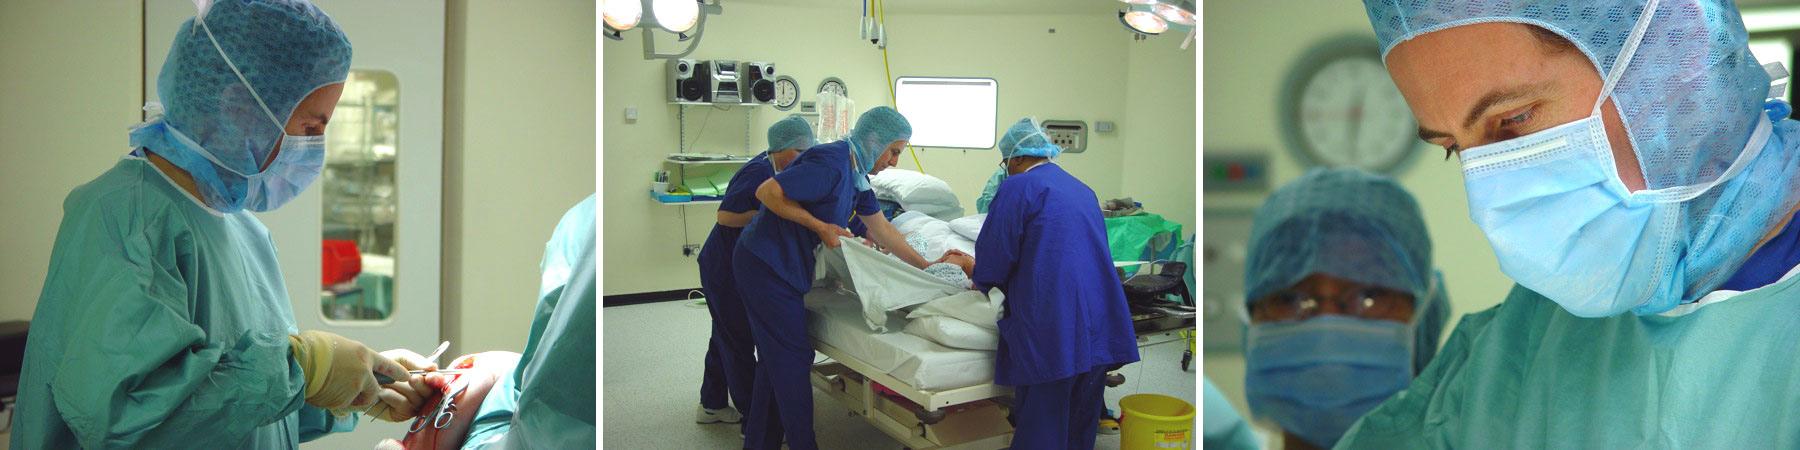 Andrew Irwin Surgery 2